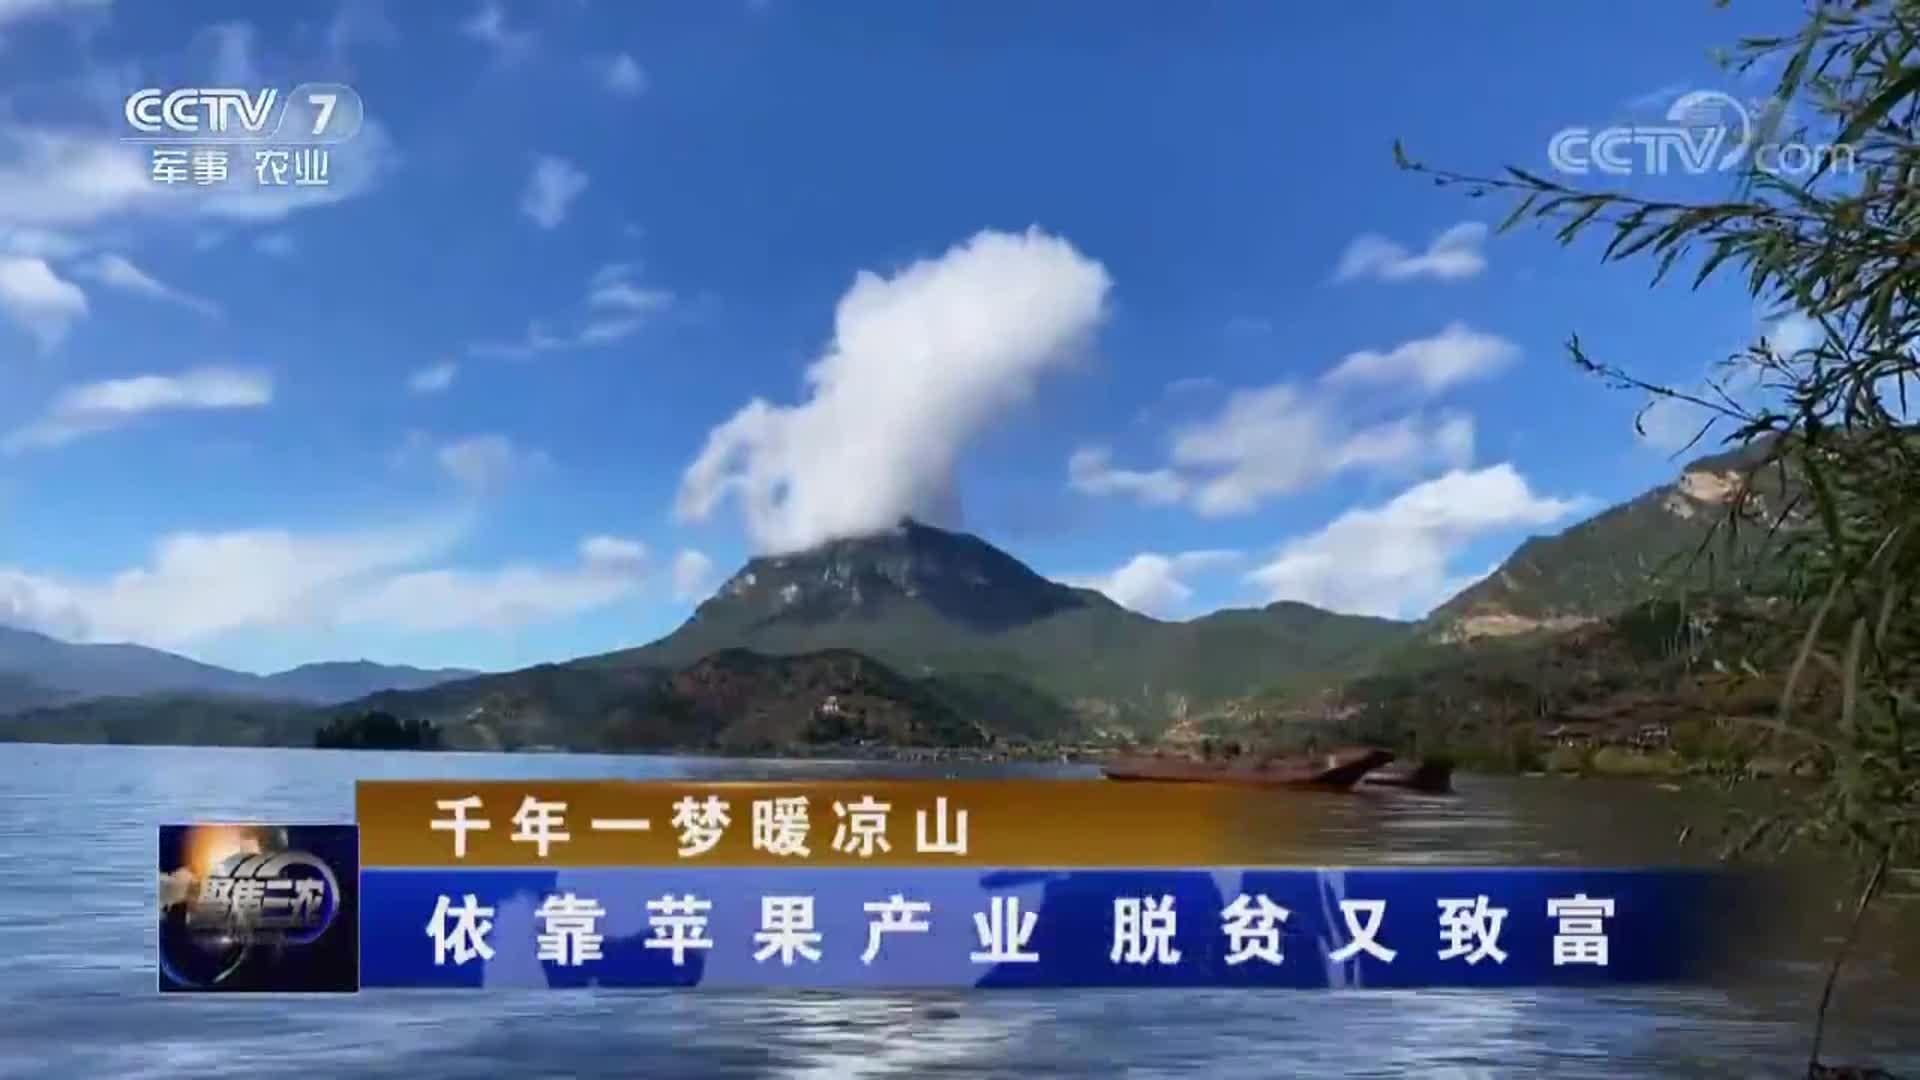 [视频]千年一梦暖凉山 感受脱贫攻坚中的凉山巨变